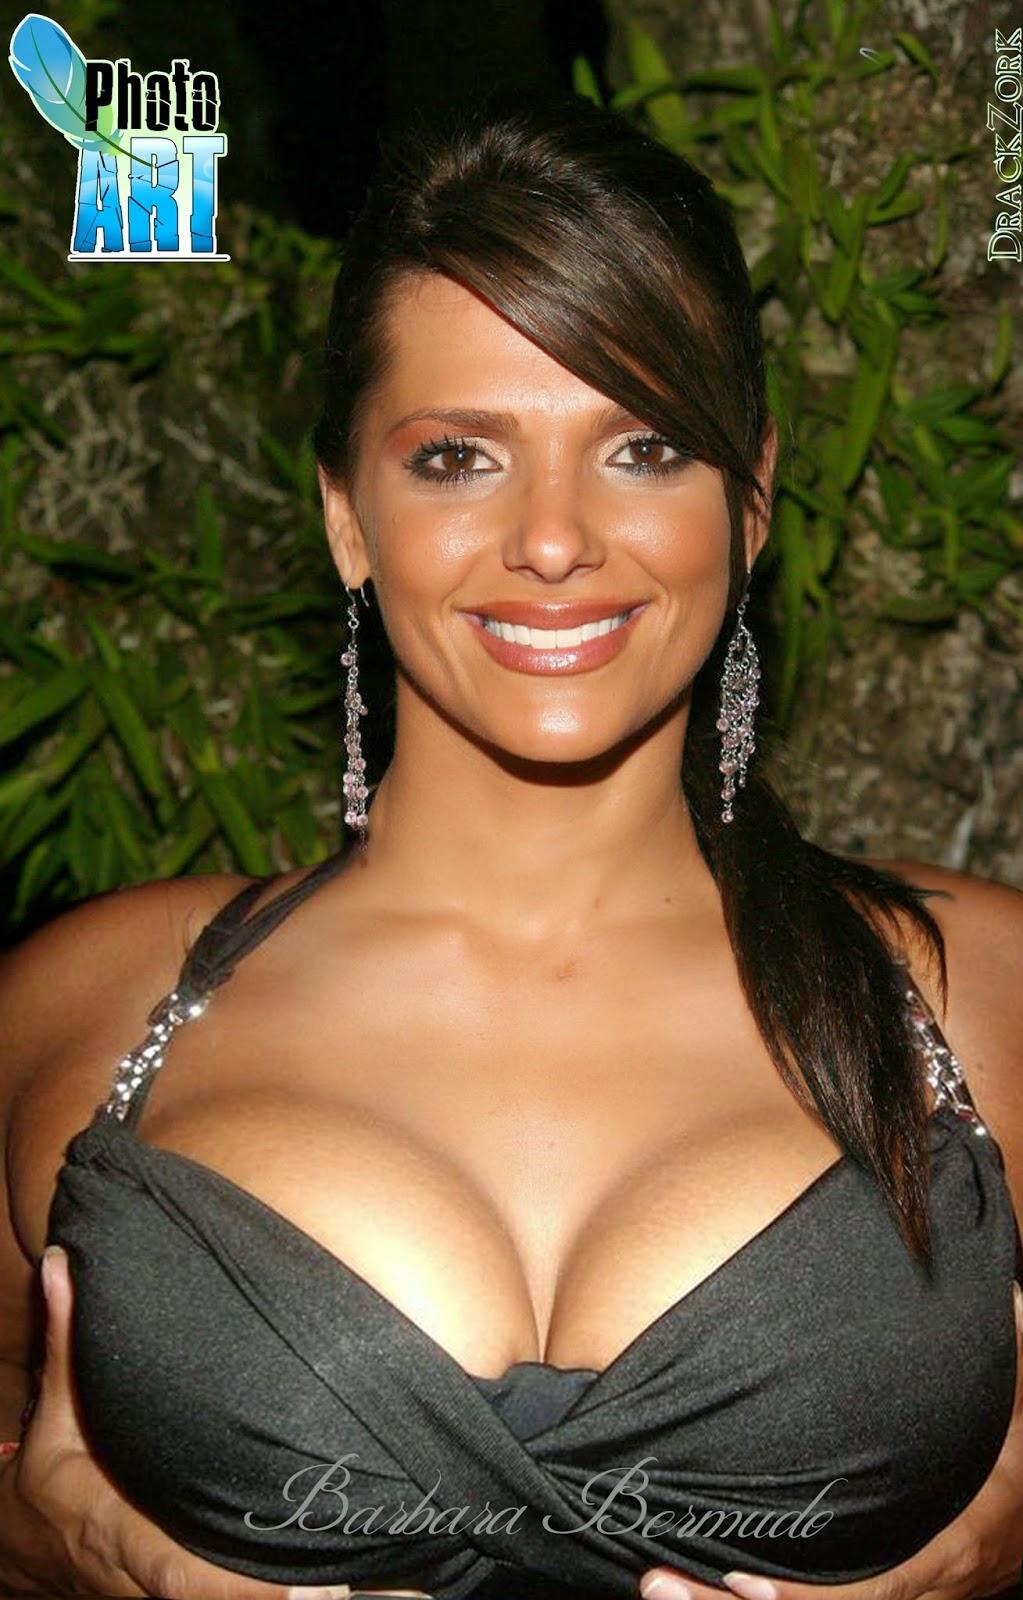 Barbara Bermudo Desnuda | Kumpulan Berbagai Gambar Memek | GMO